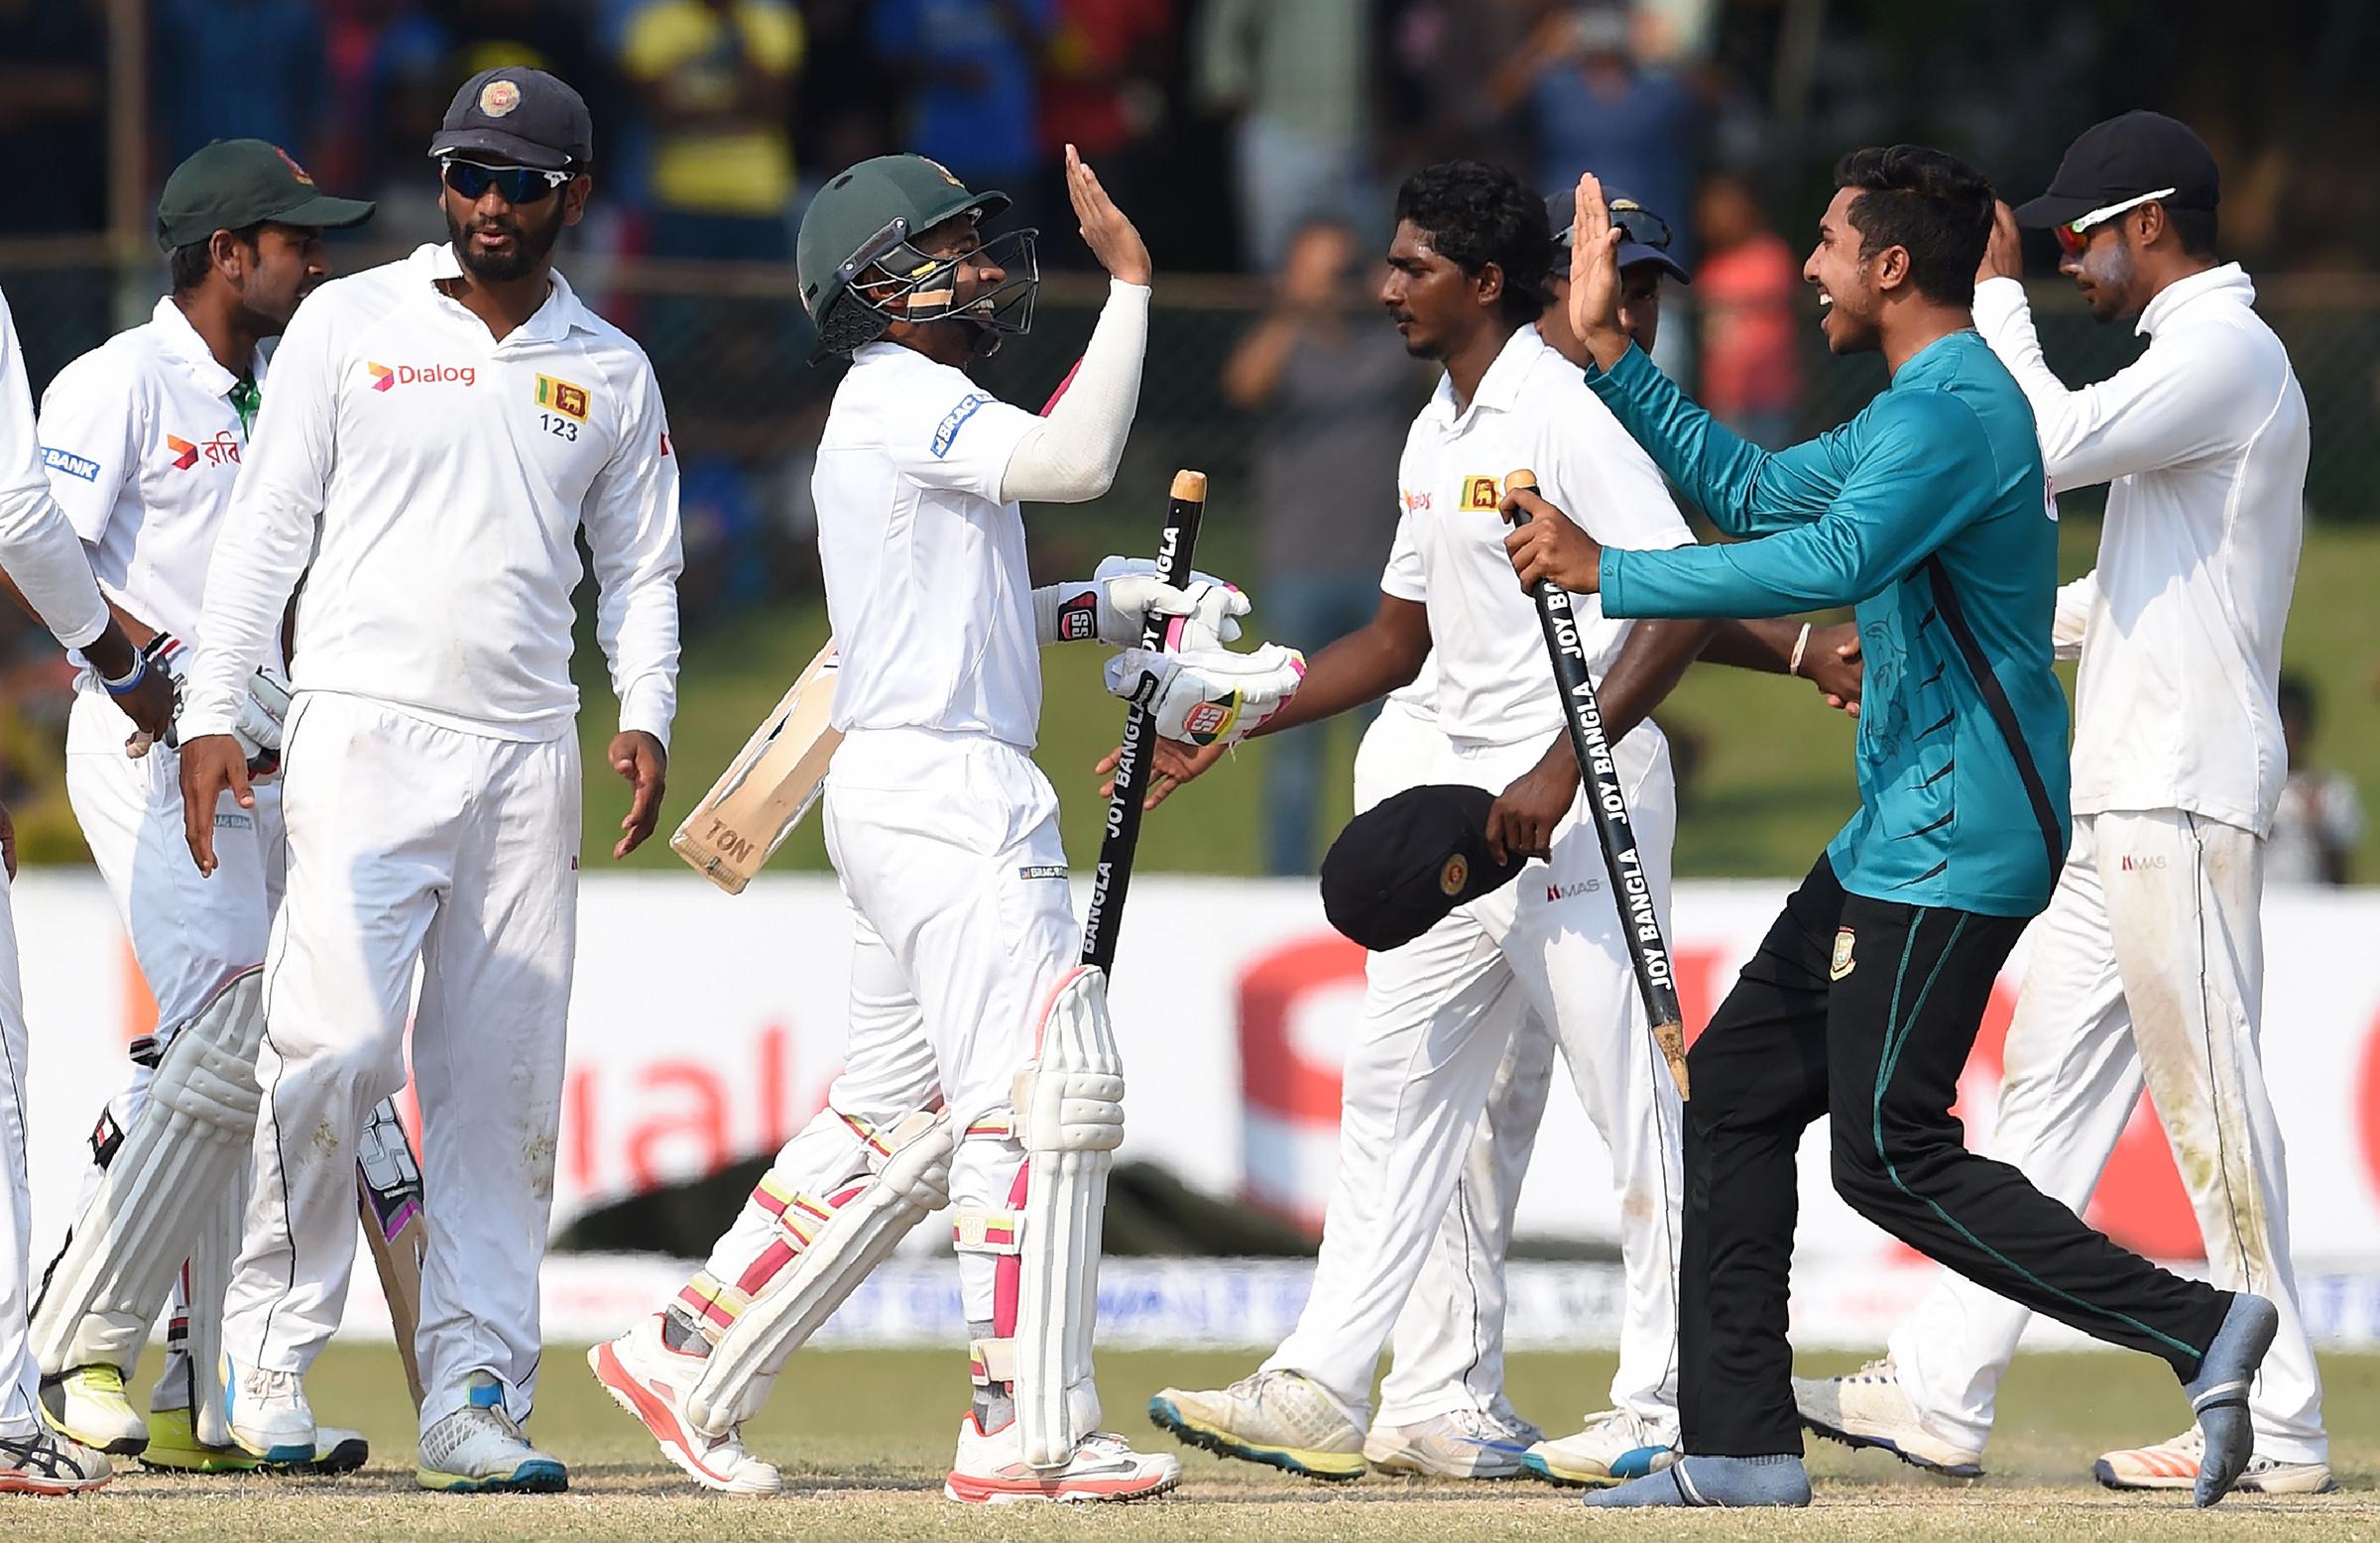 Sample Essay on Cricket